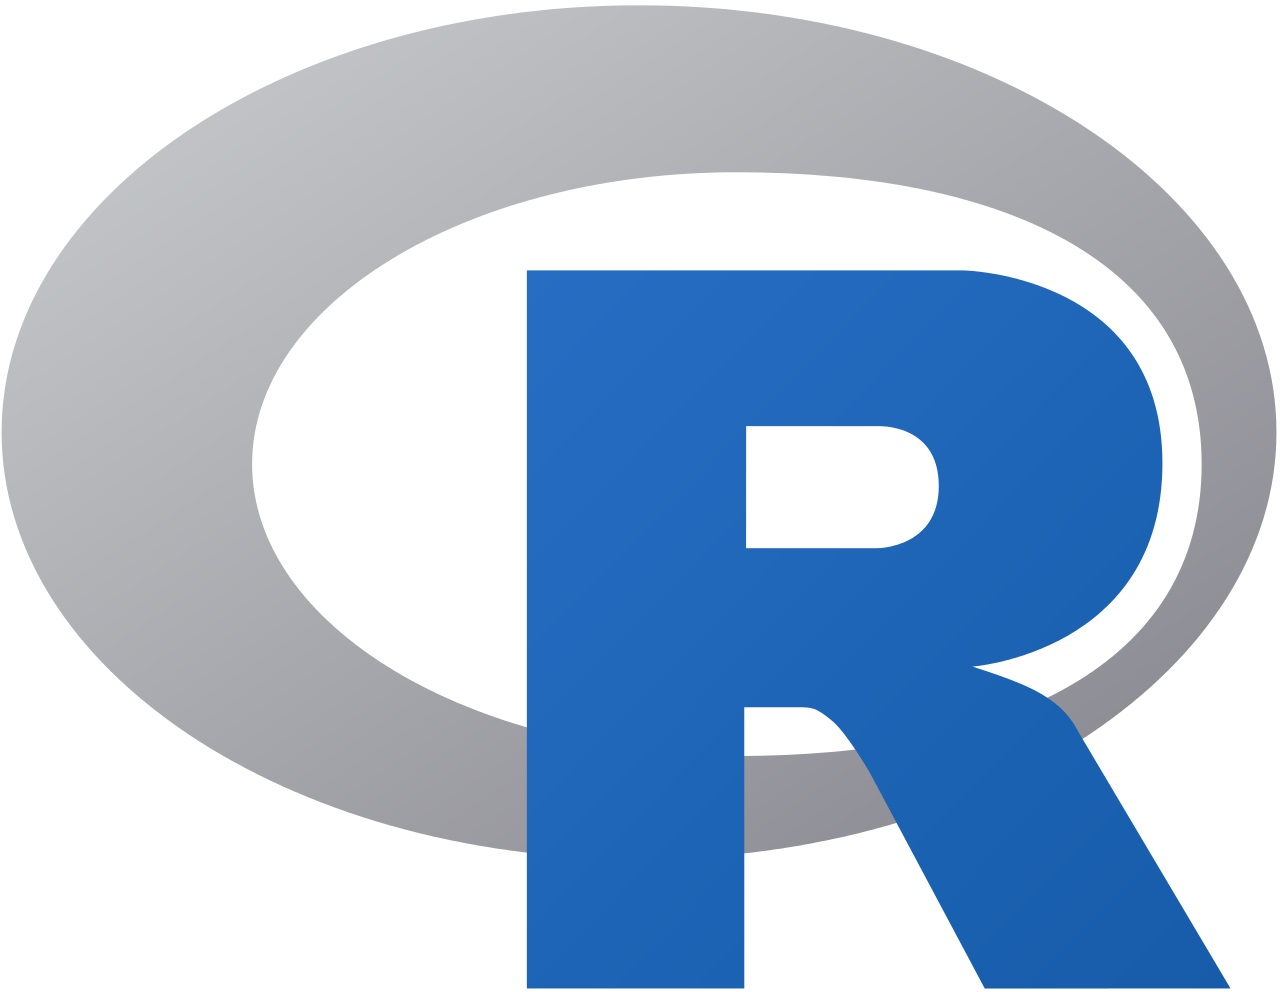 زبان برنامه نویسی R — معرفی و کاربردها